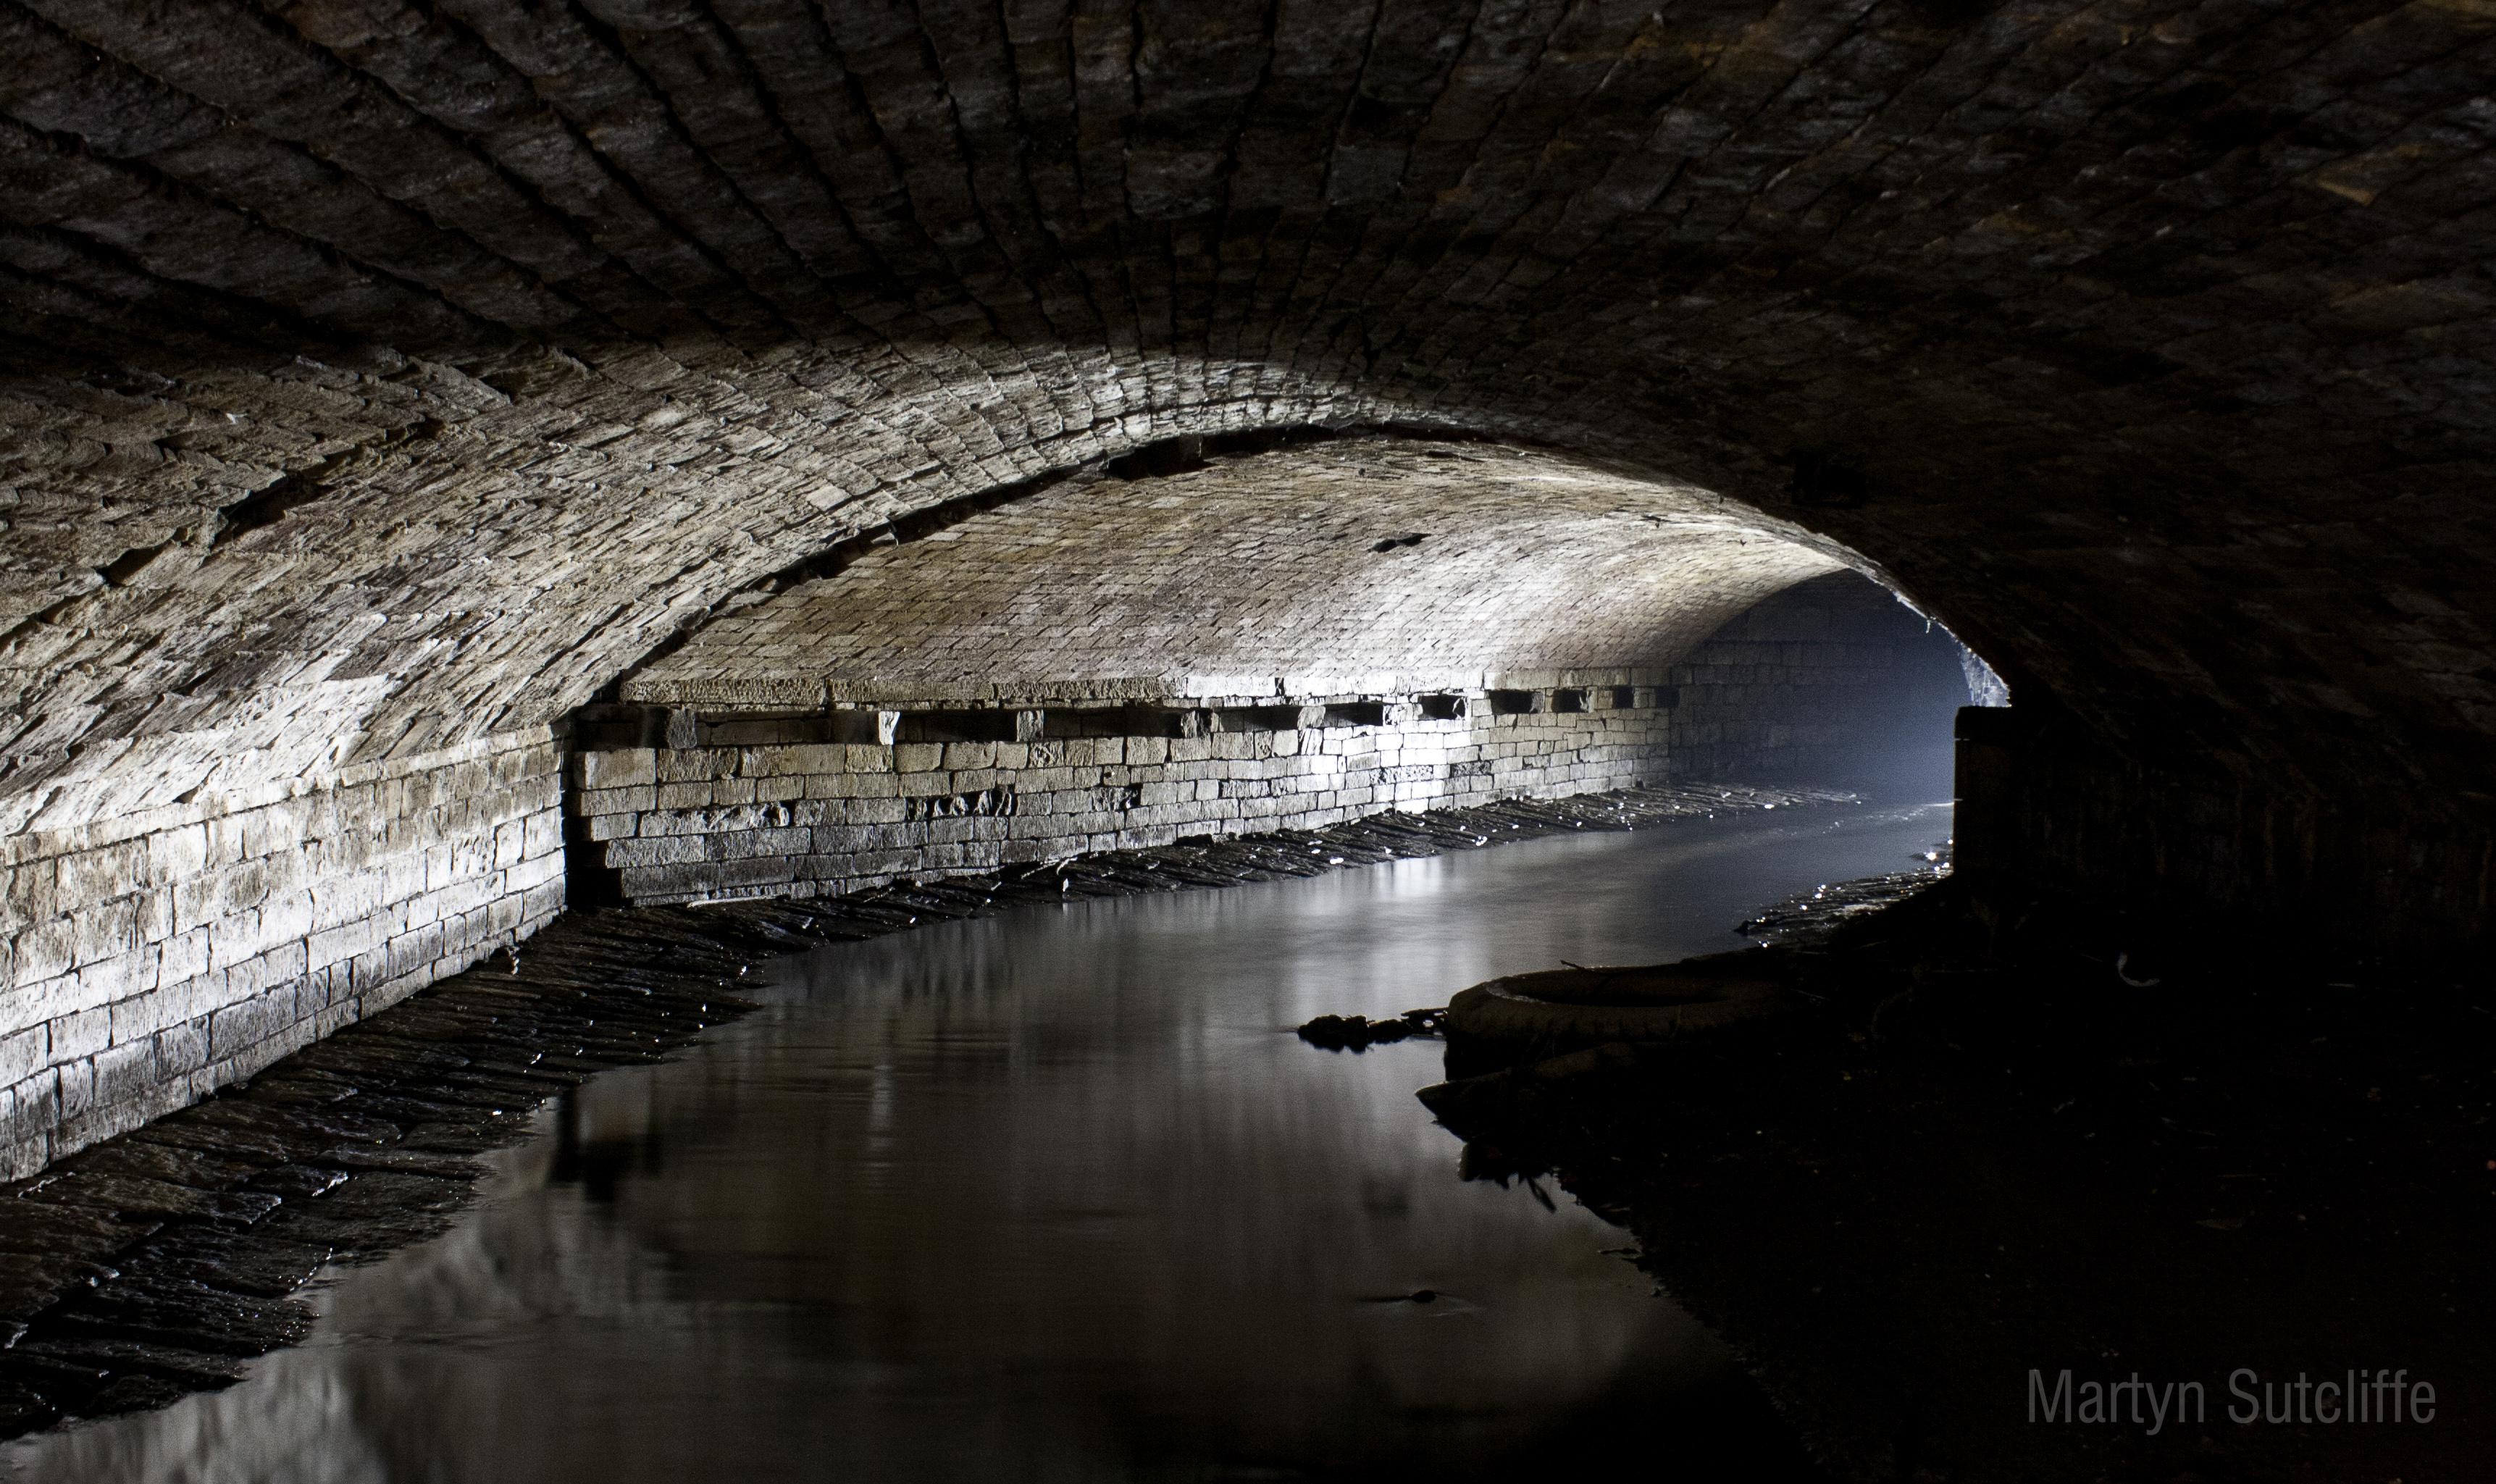 Bradford Beck underground at Plaque 5